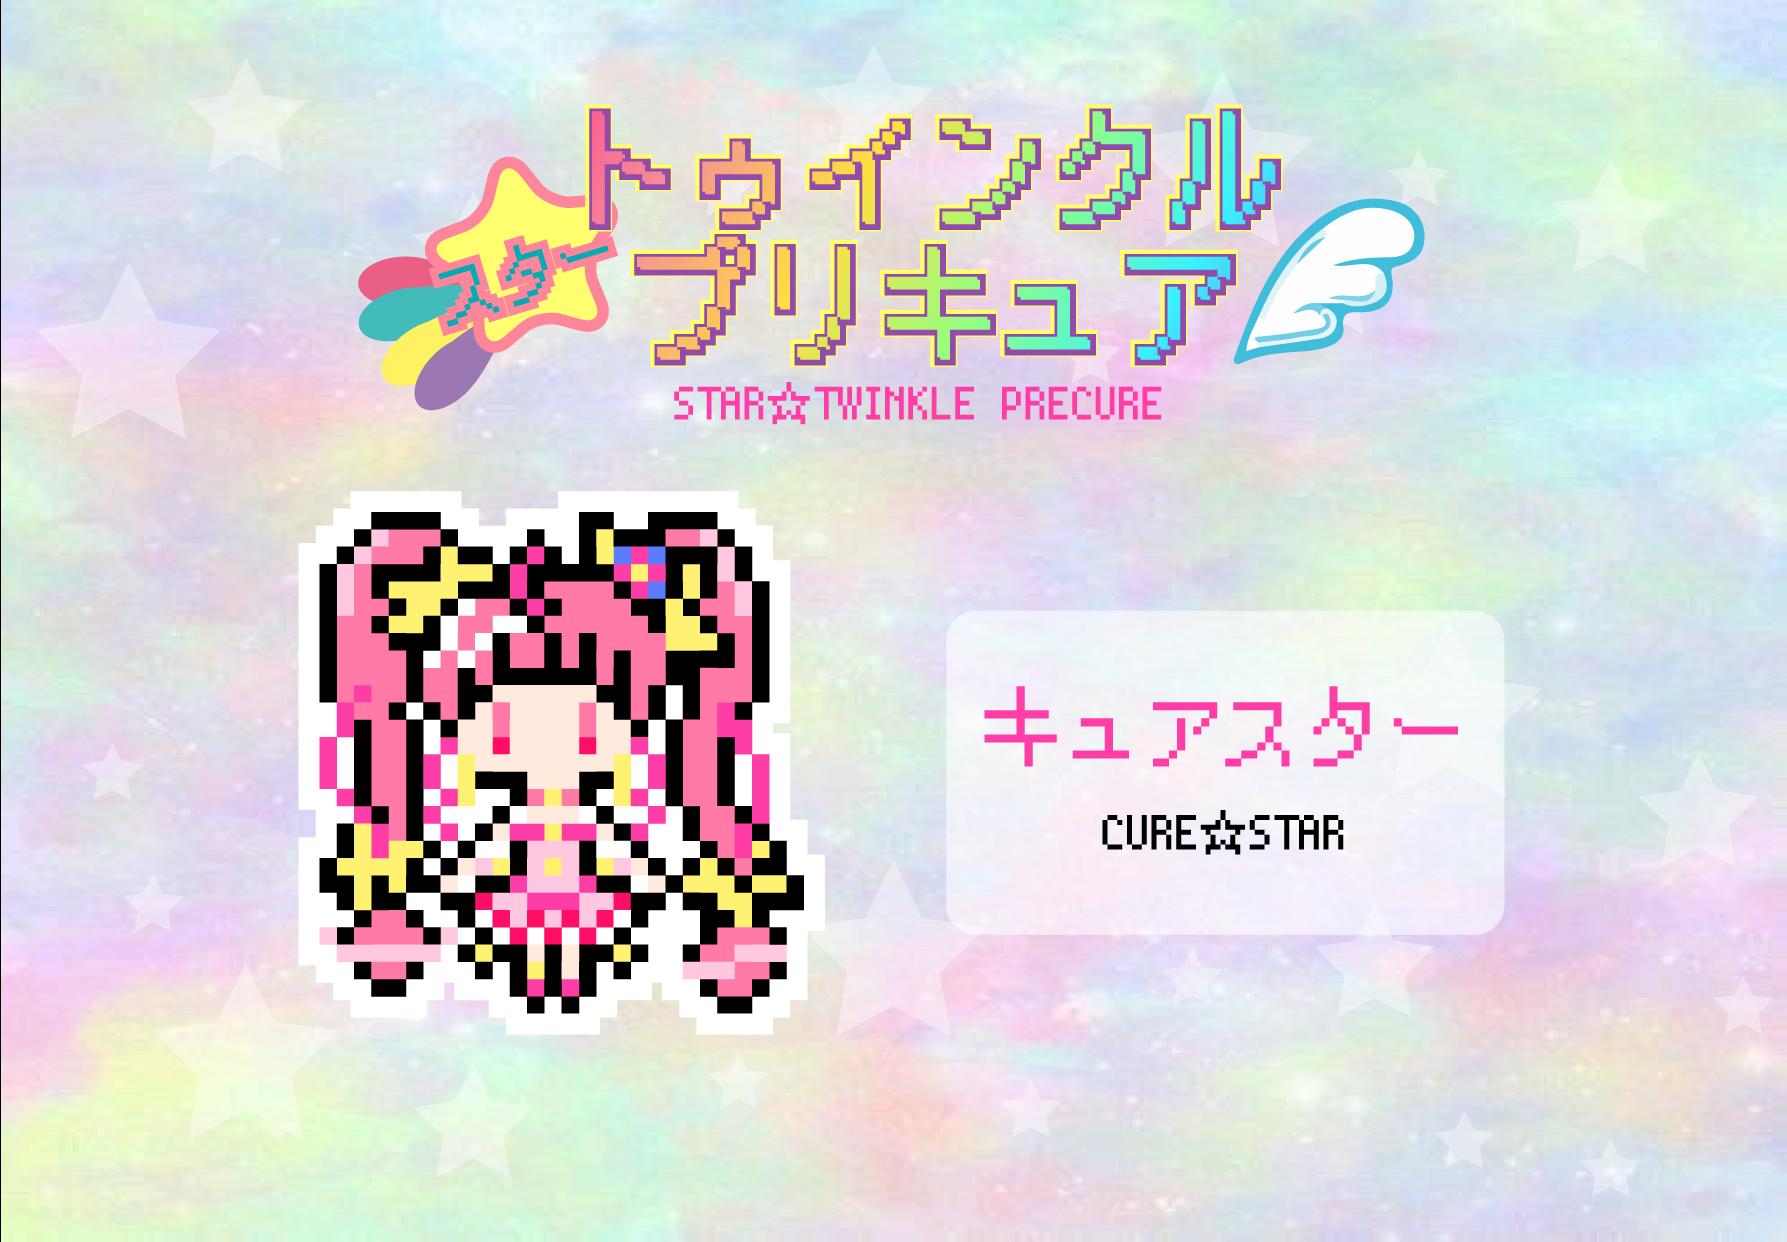 【スター☆トゥインクルプリキュア】キュアスターのアイロンビーズ図案